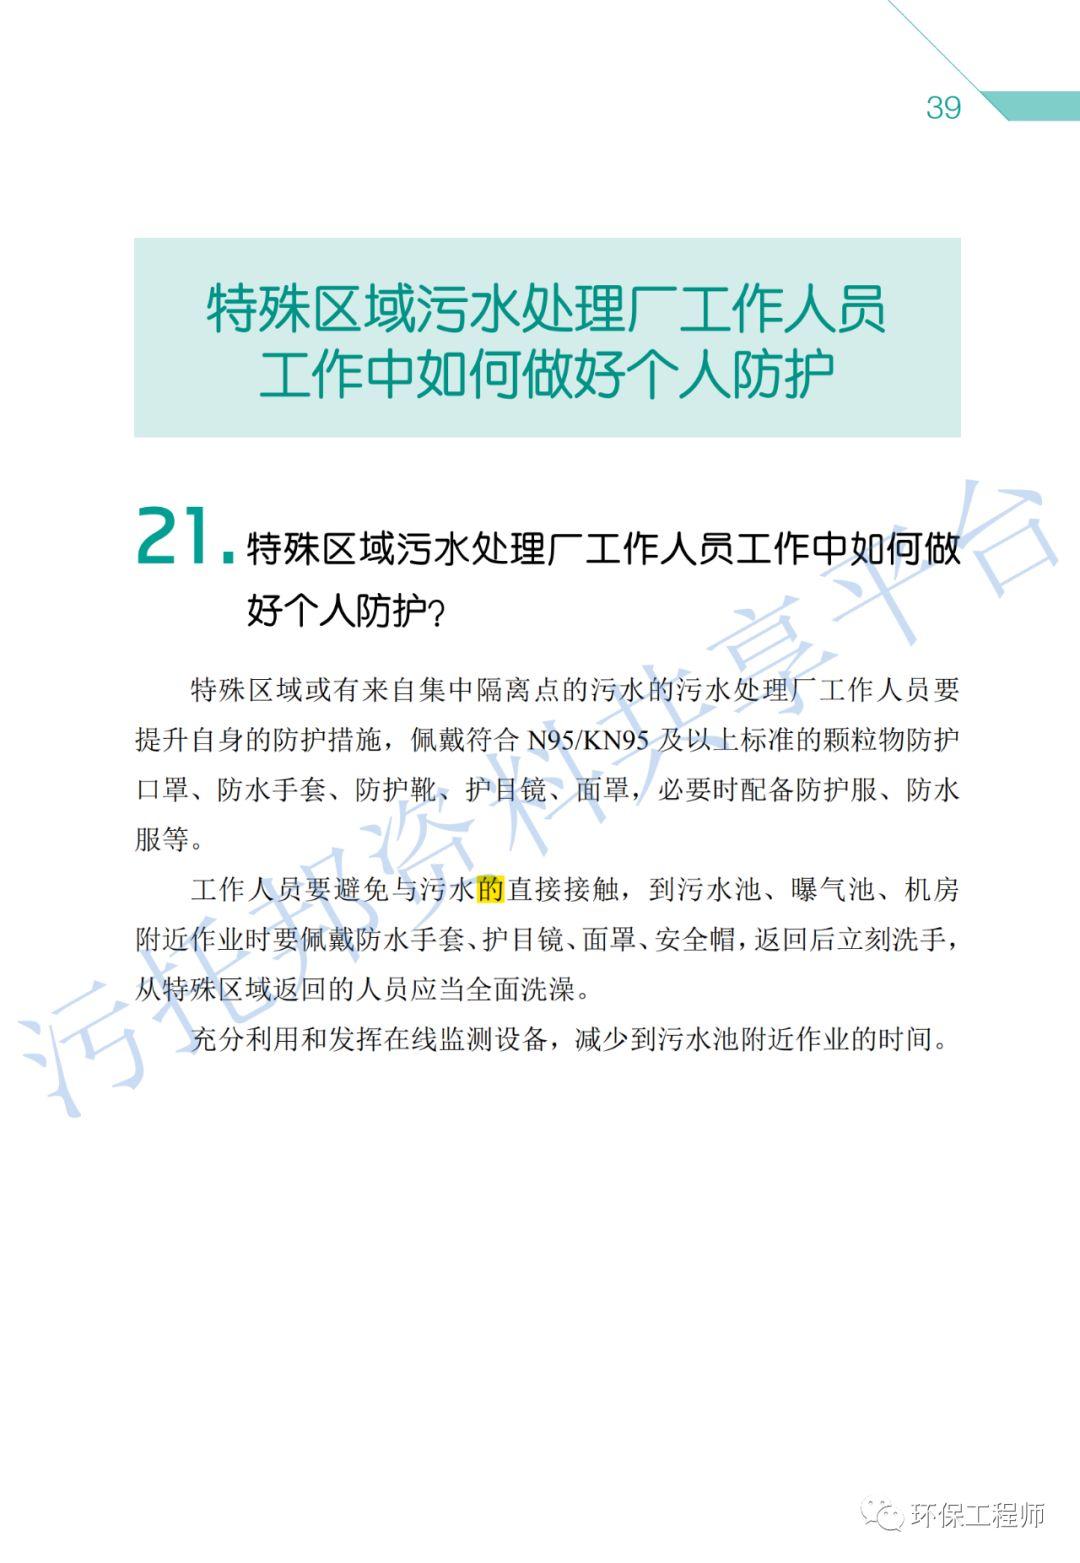 《环保从业人员新型冠状病毒疫情防护手册》_24